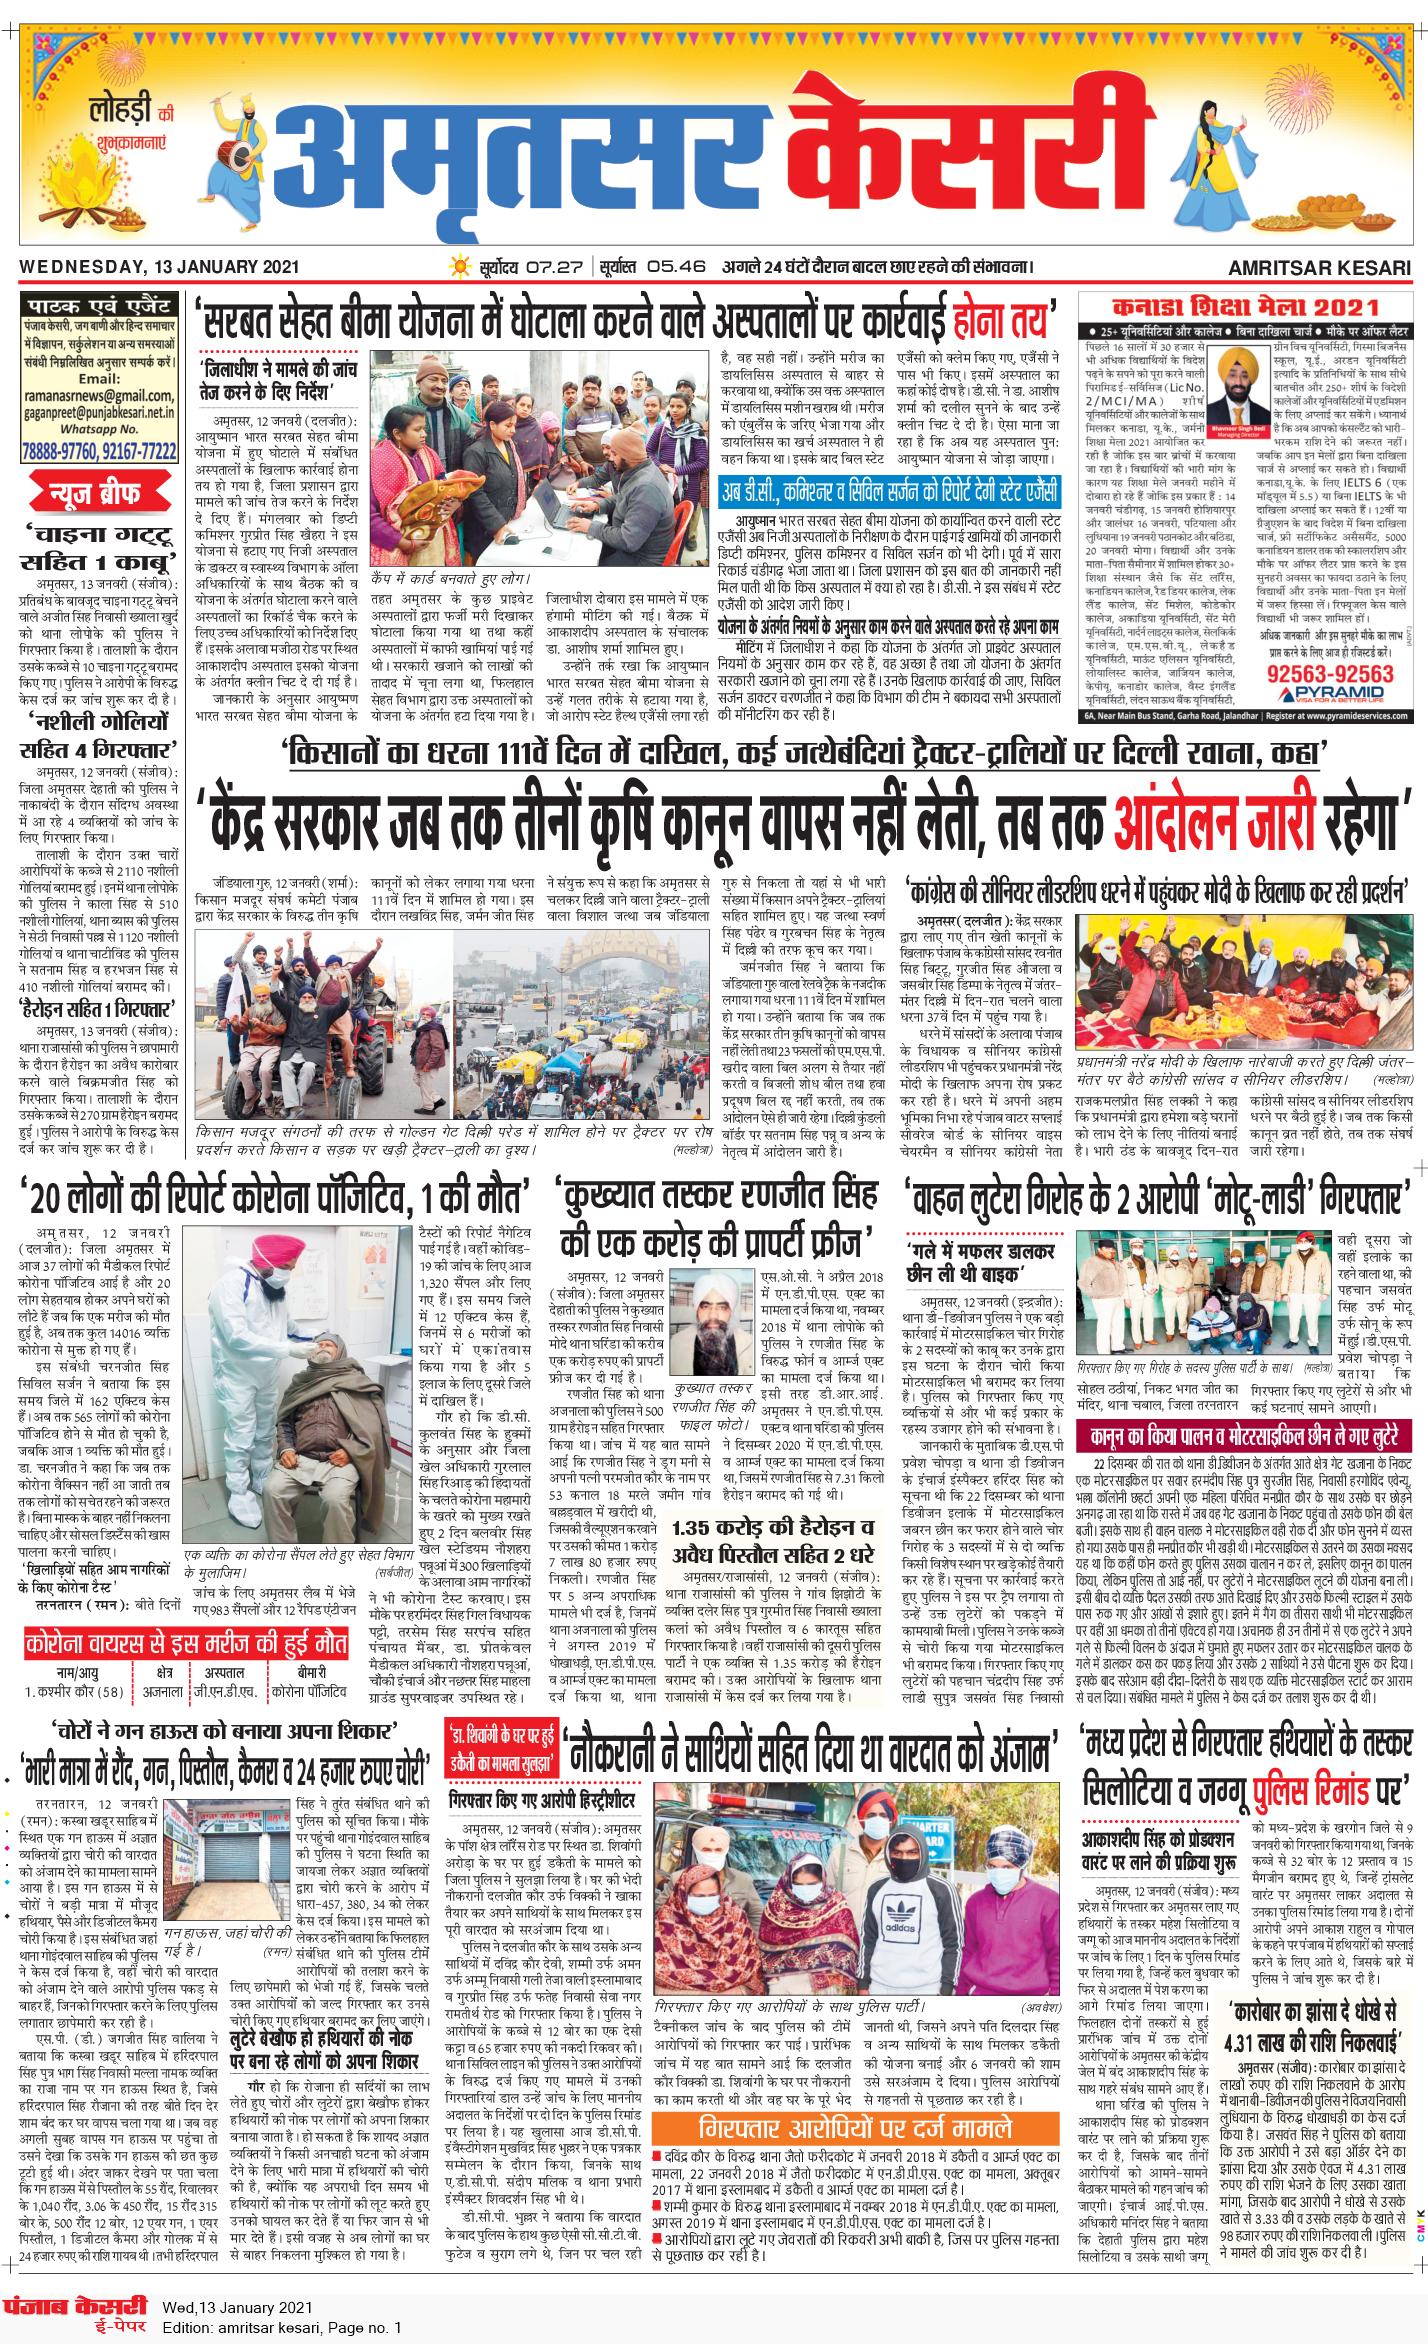 Amritsar Kesari 1/13/2021 12:00:00 AM